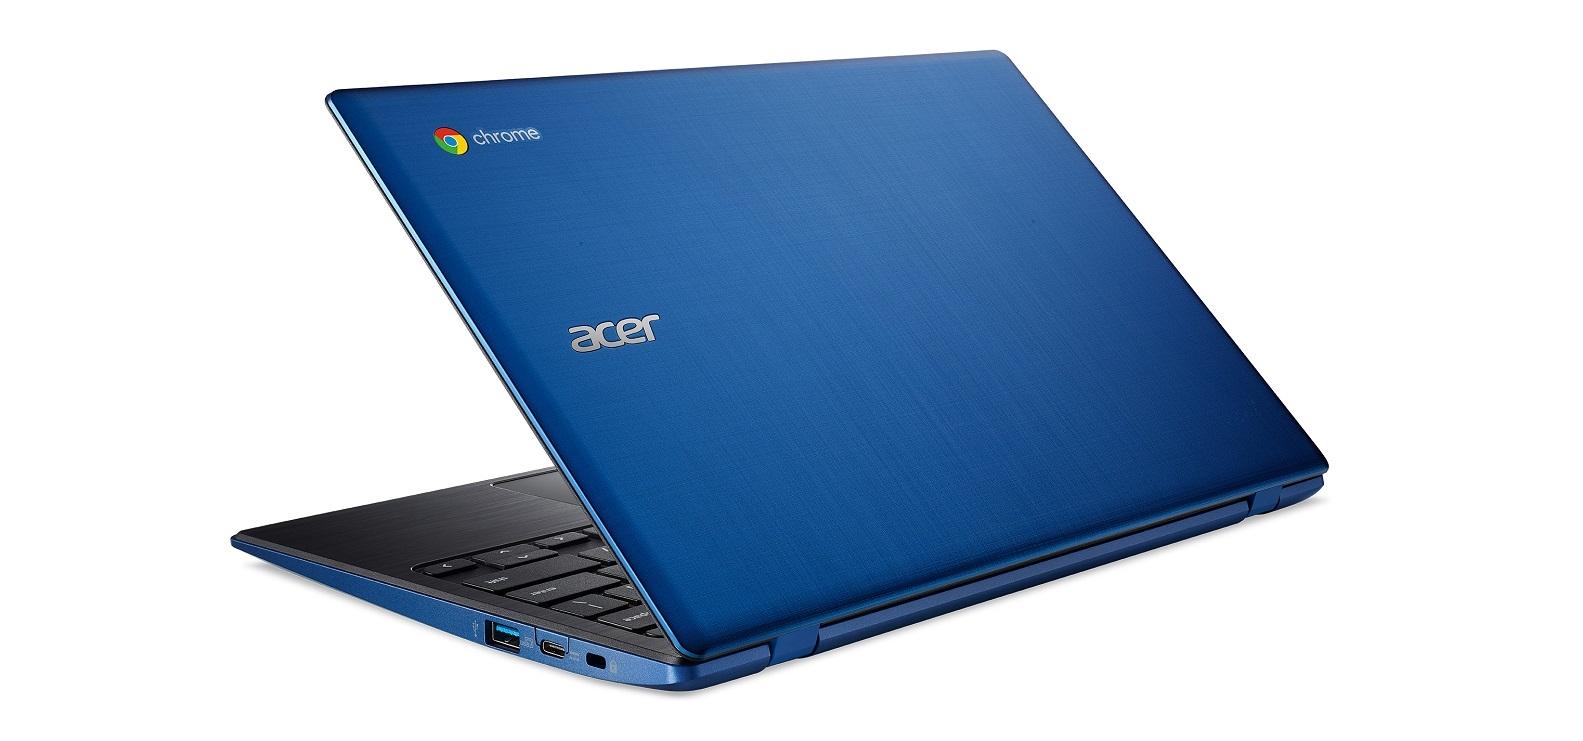 Neues Acer Chromebook 11 mit 10 Stunden Batterielaufzeit und USB-C